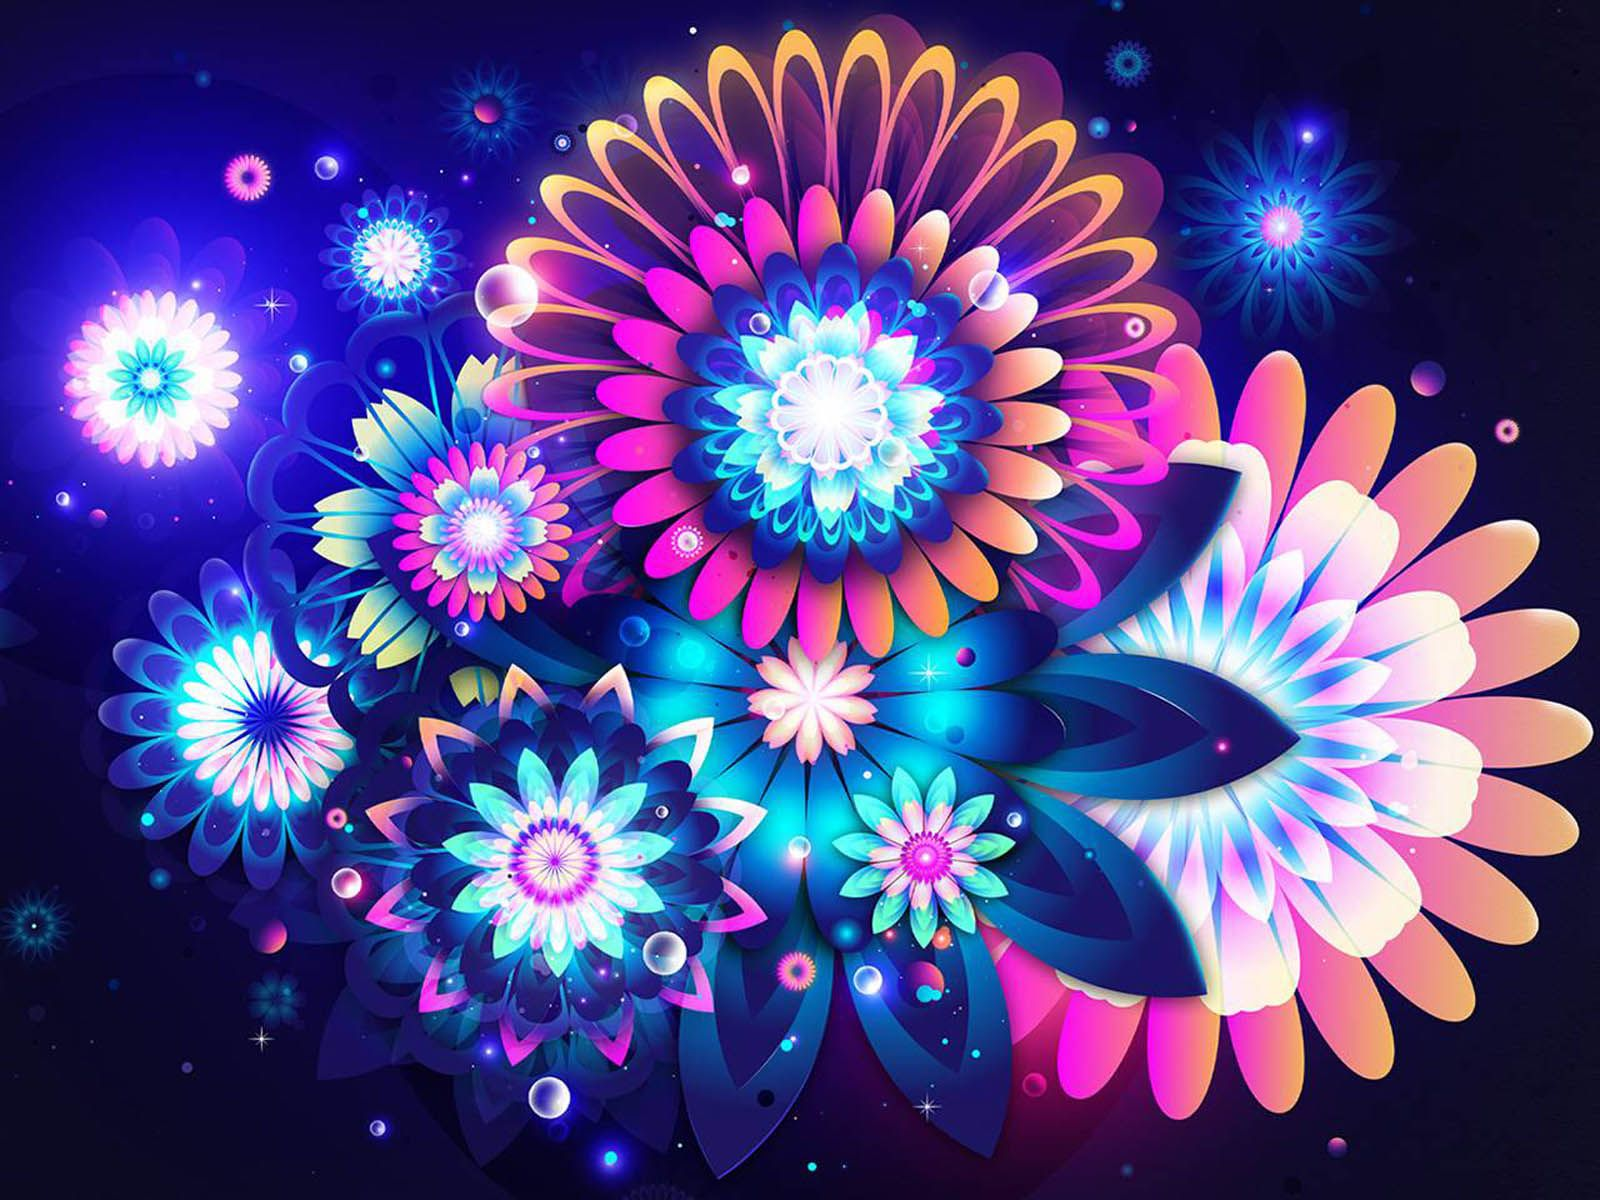 Abstract Digital Flowers Art Wallpaper